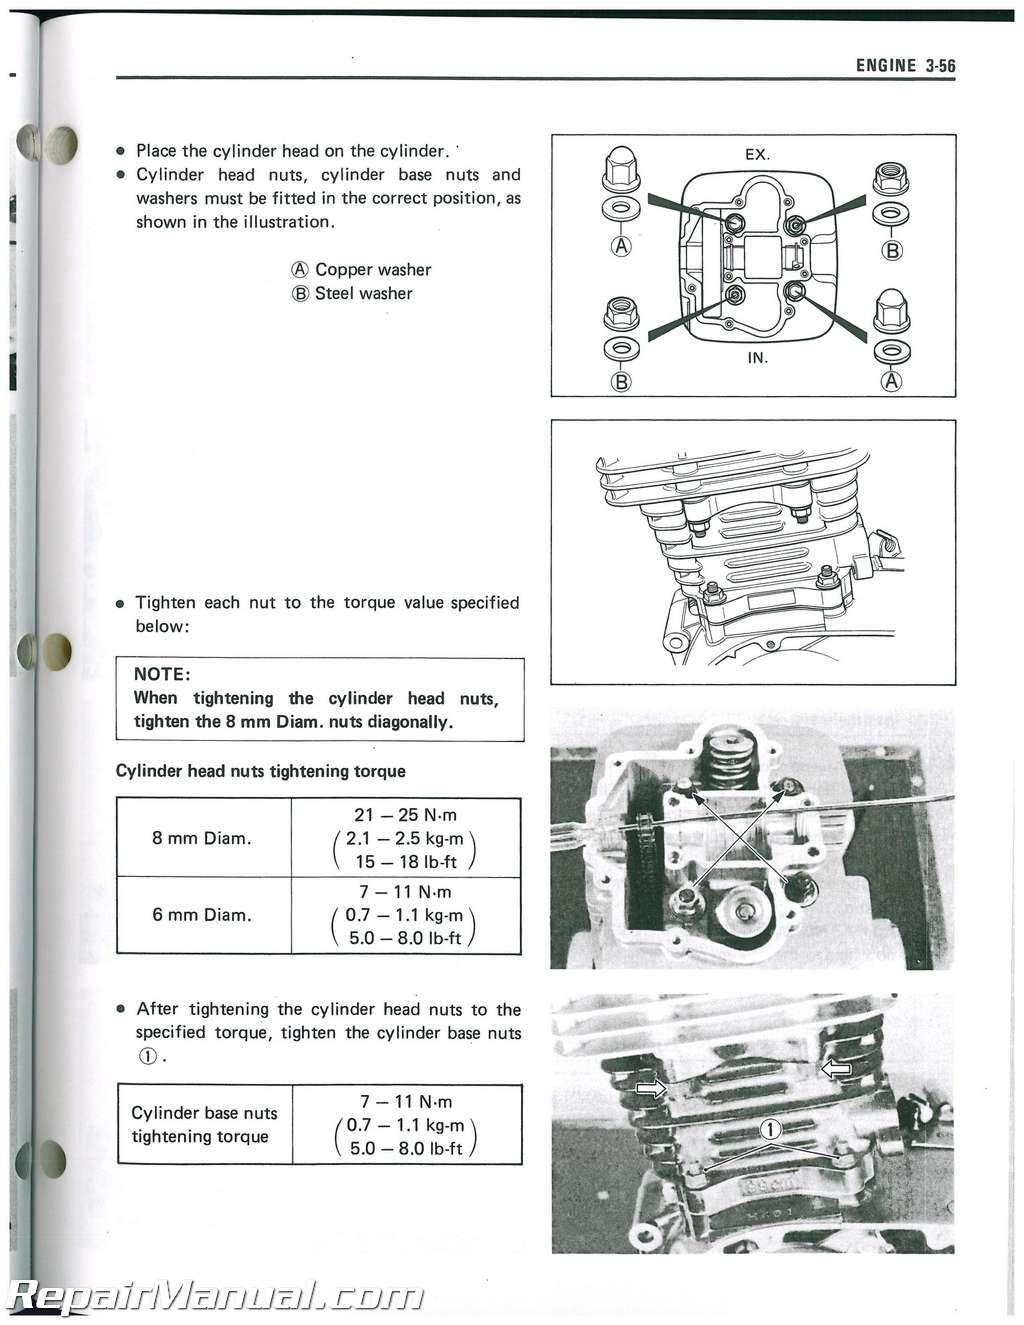 1987 1988 suzuki dr200 sp200 motorcycle service manual clymer motorcycle manuals uk clymer motorcycle manuals pdf